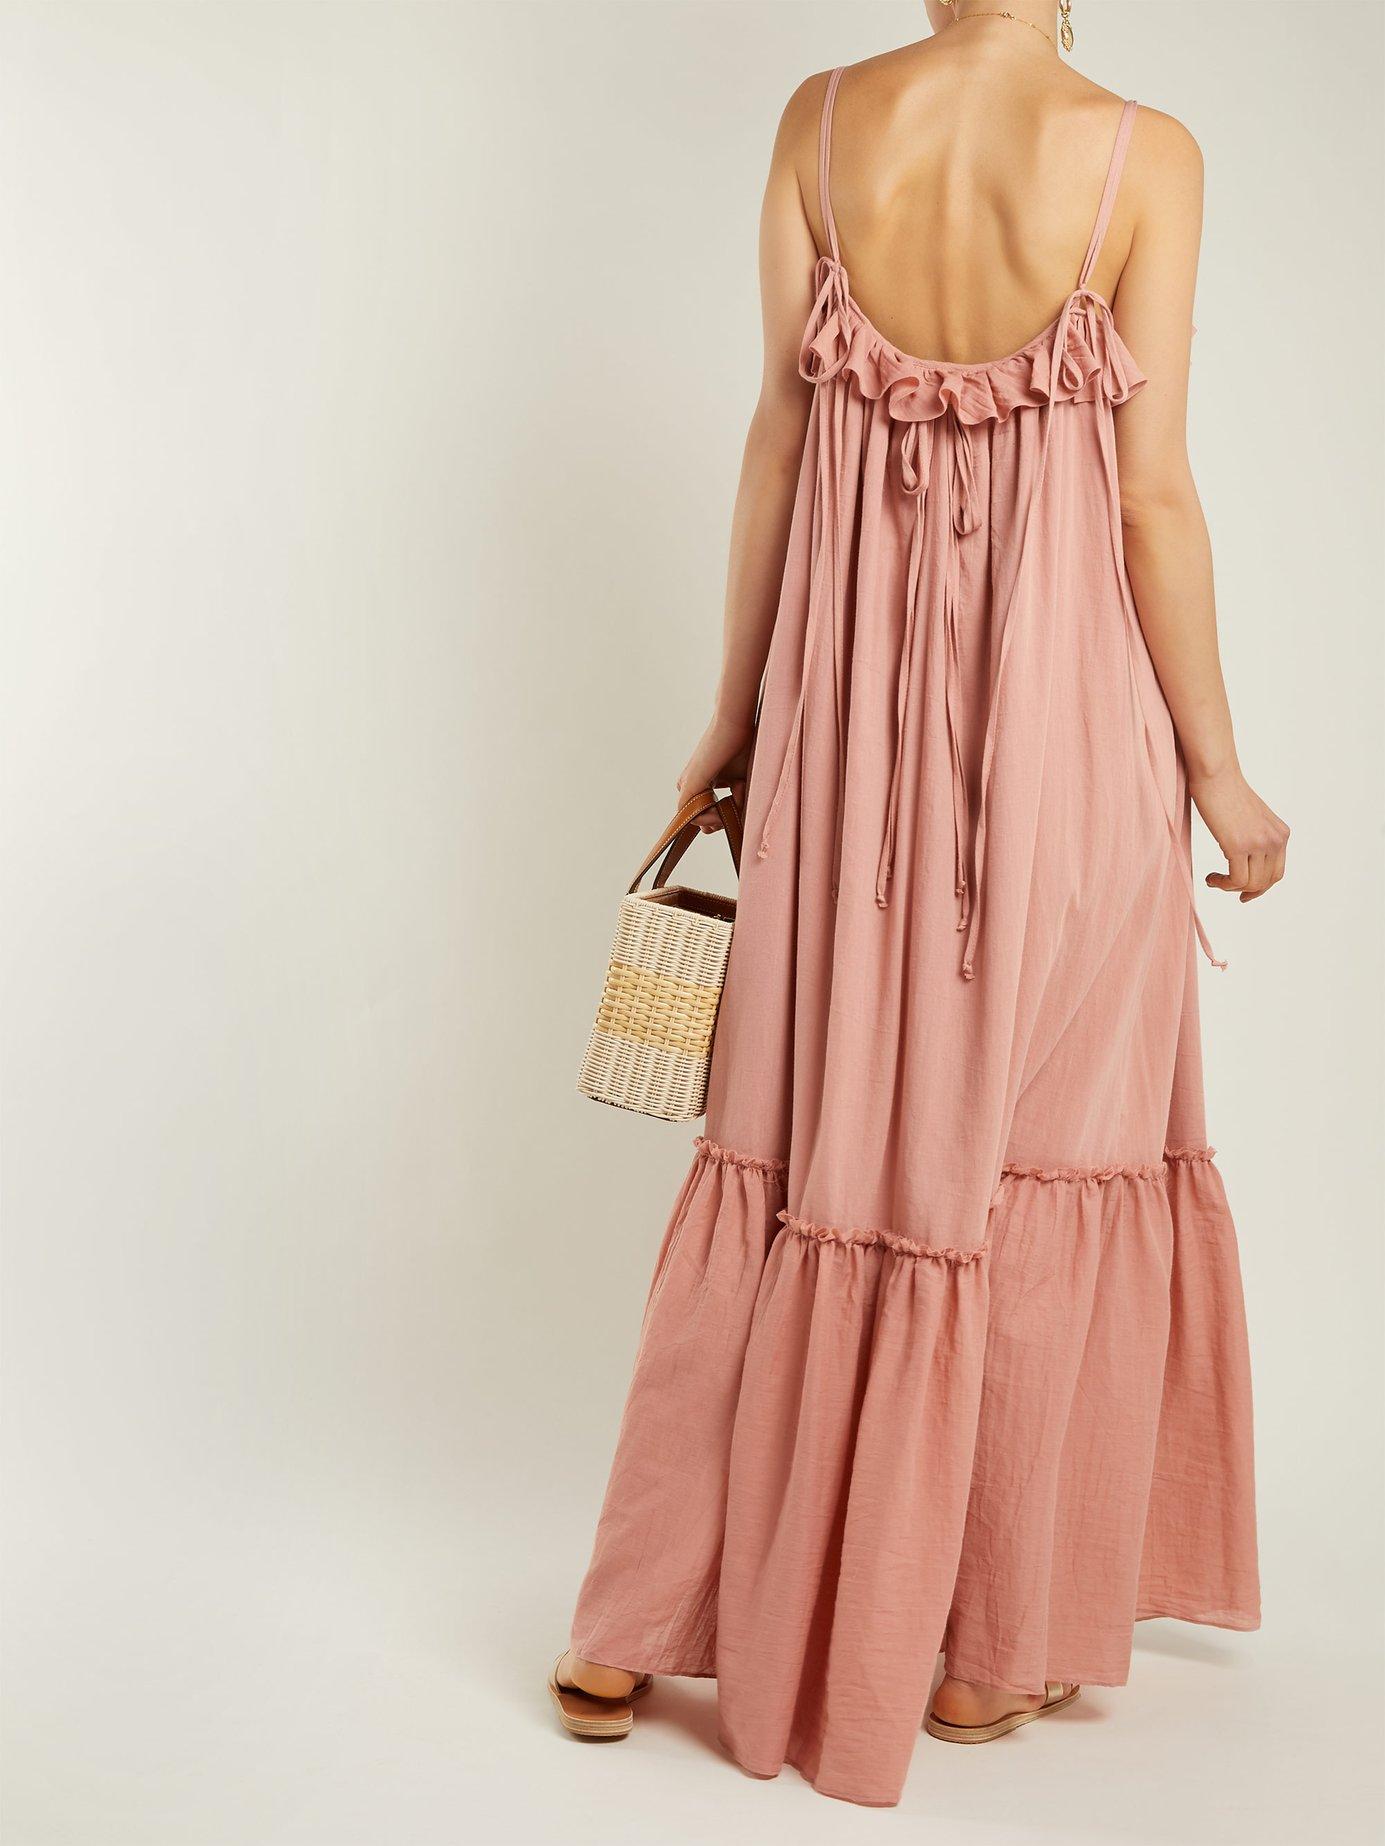 Artemis cotton dress by Loup Charmant